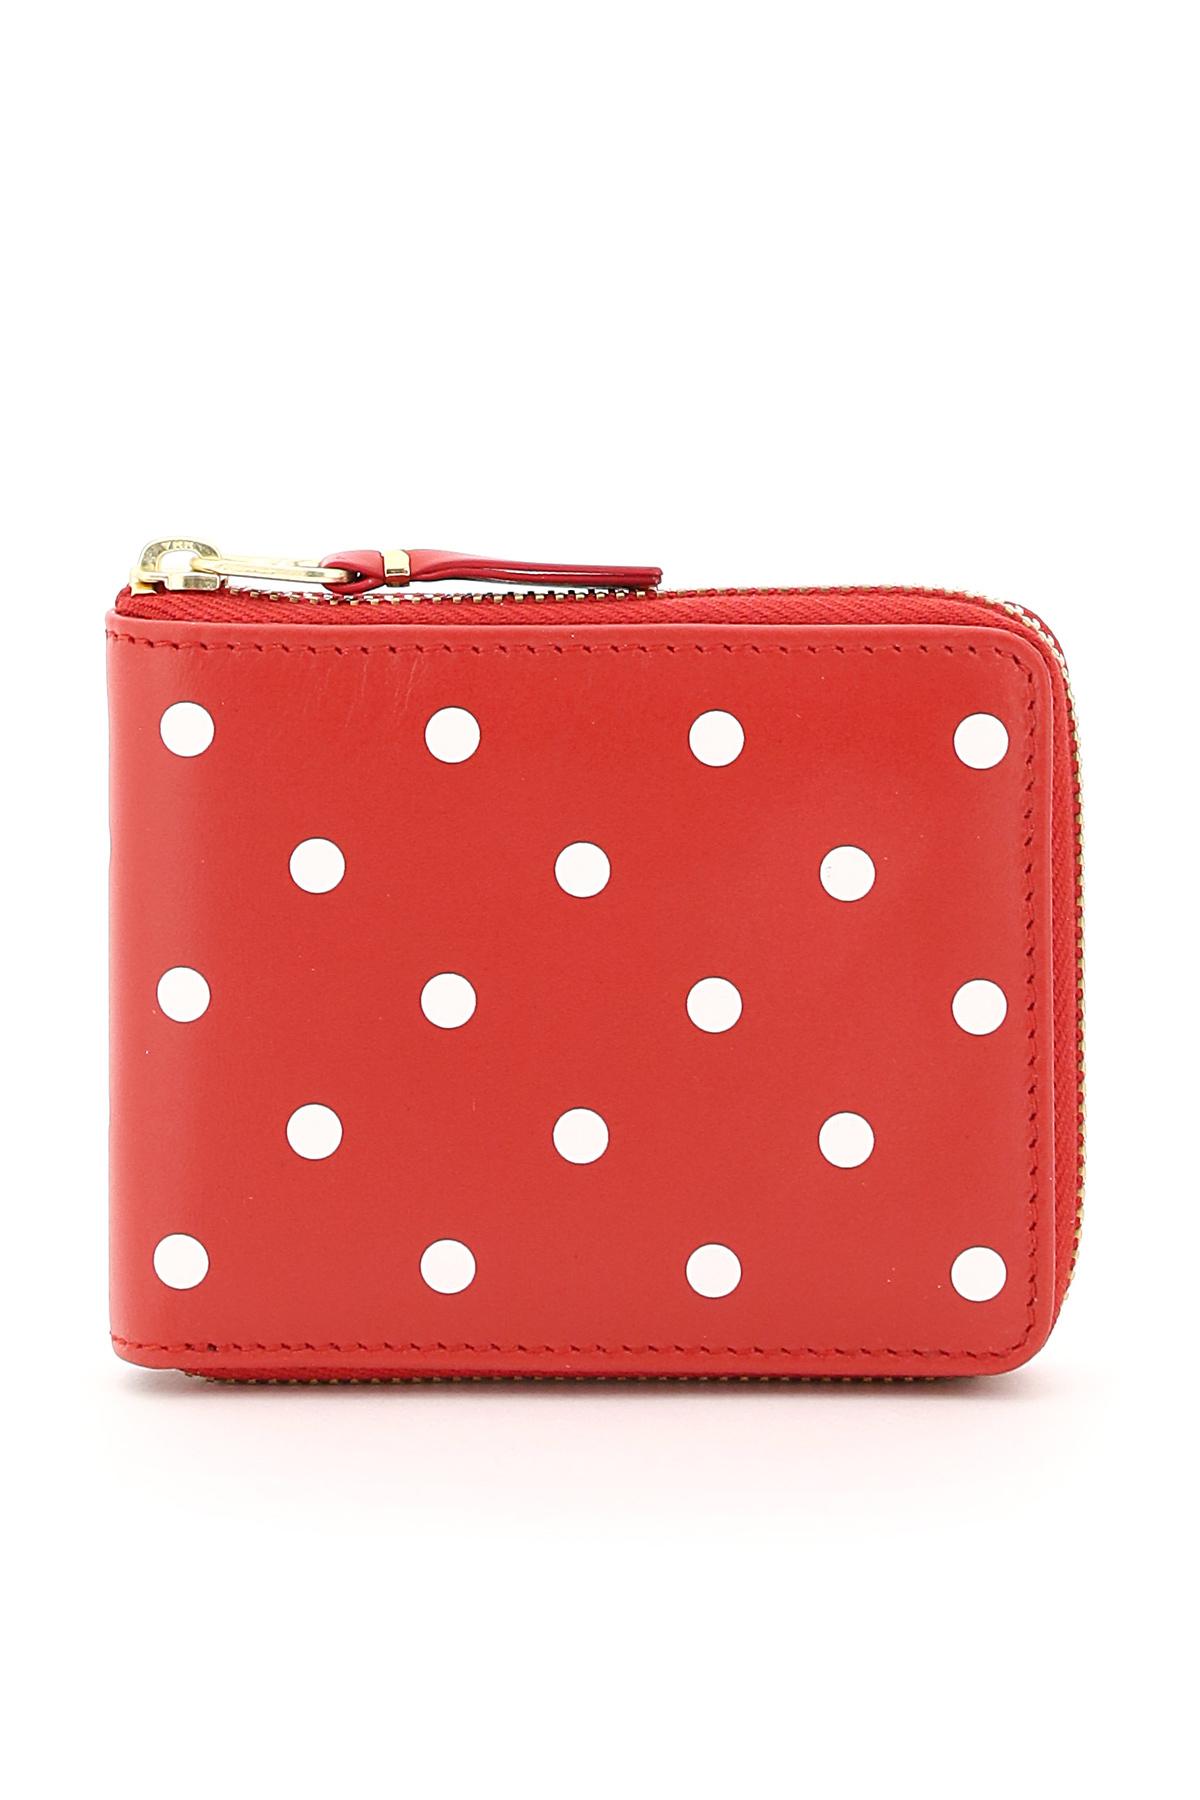 Comme des garcons wallet portafoglio polka dots